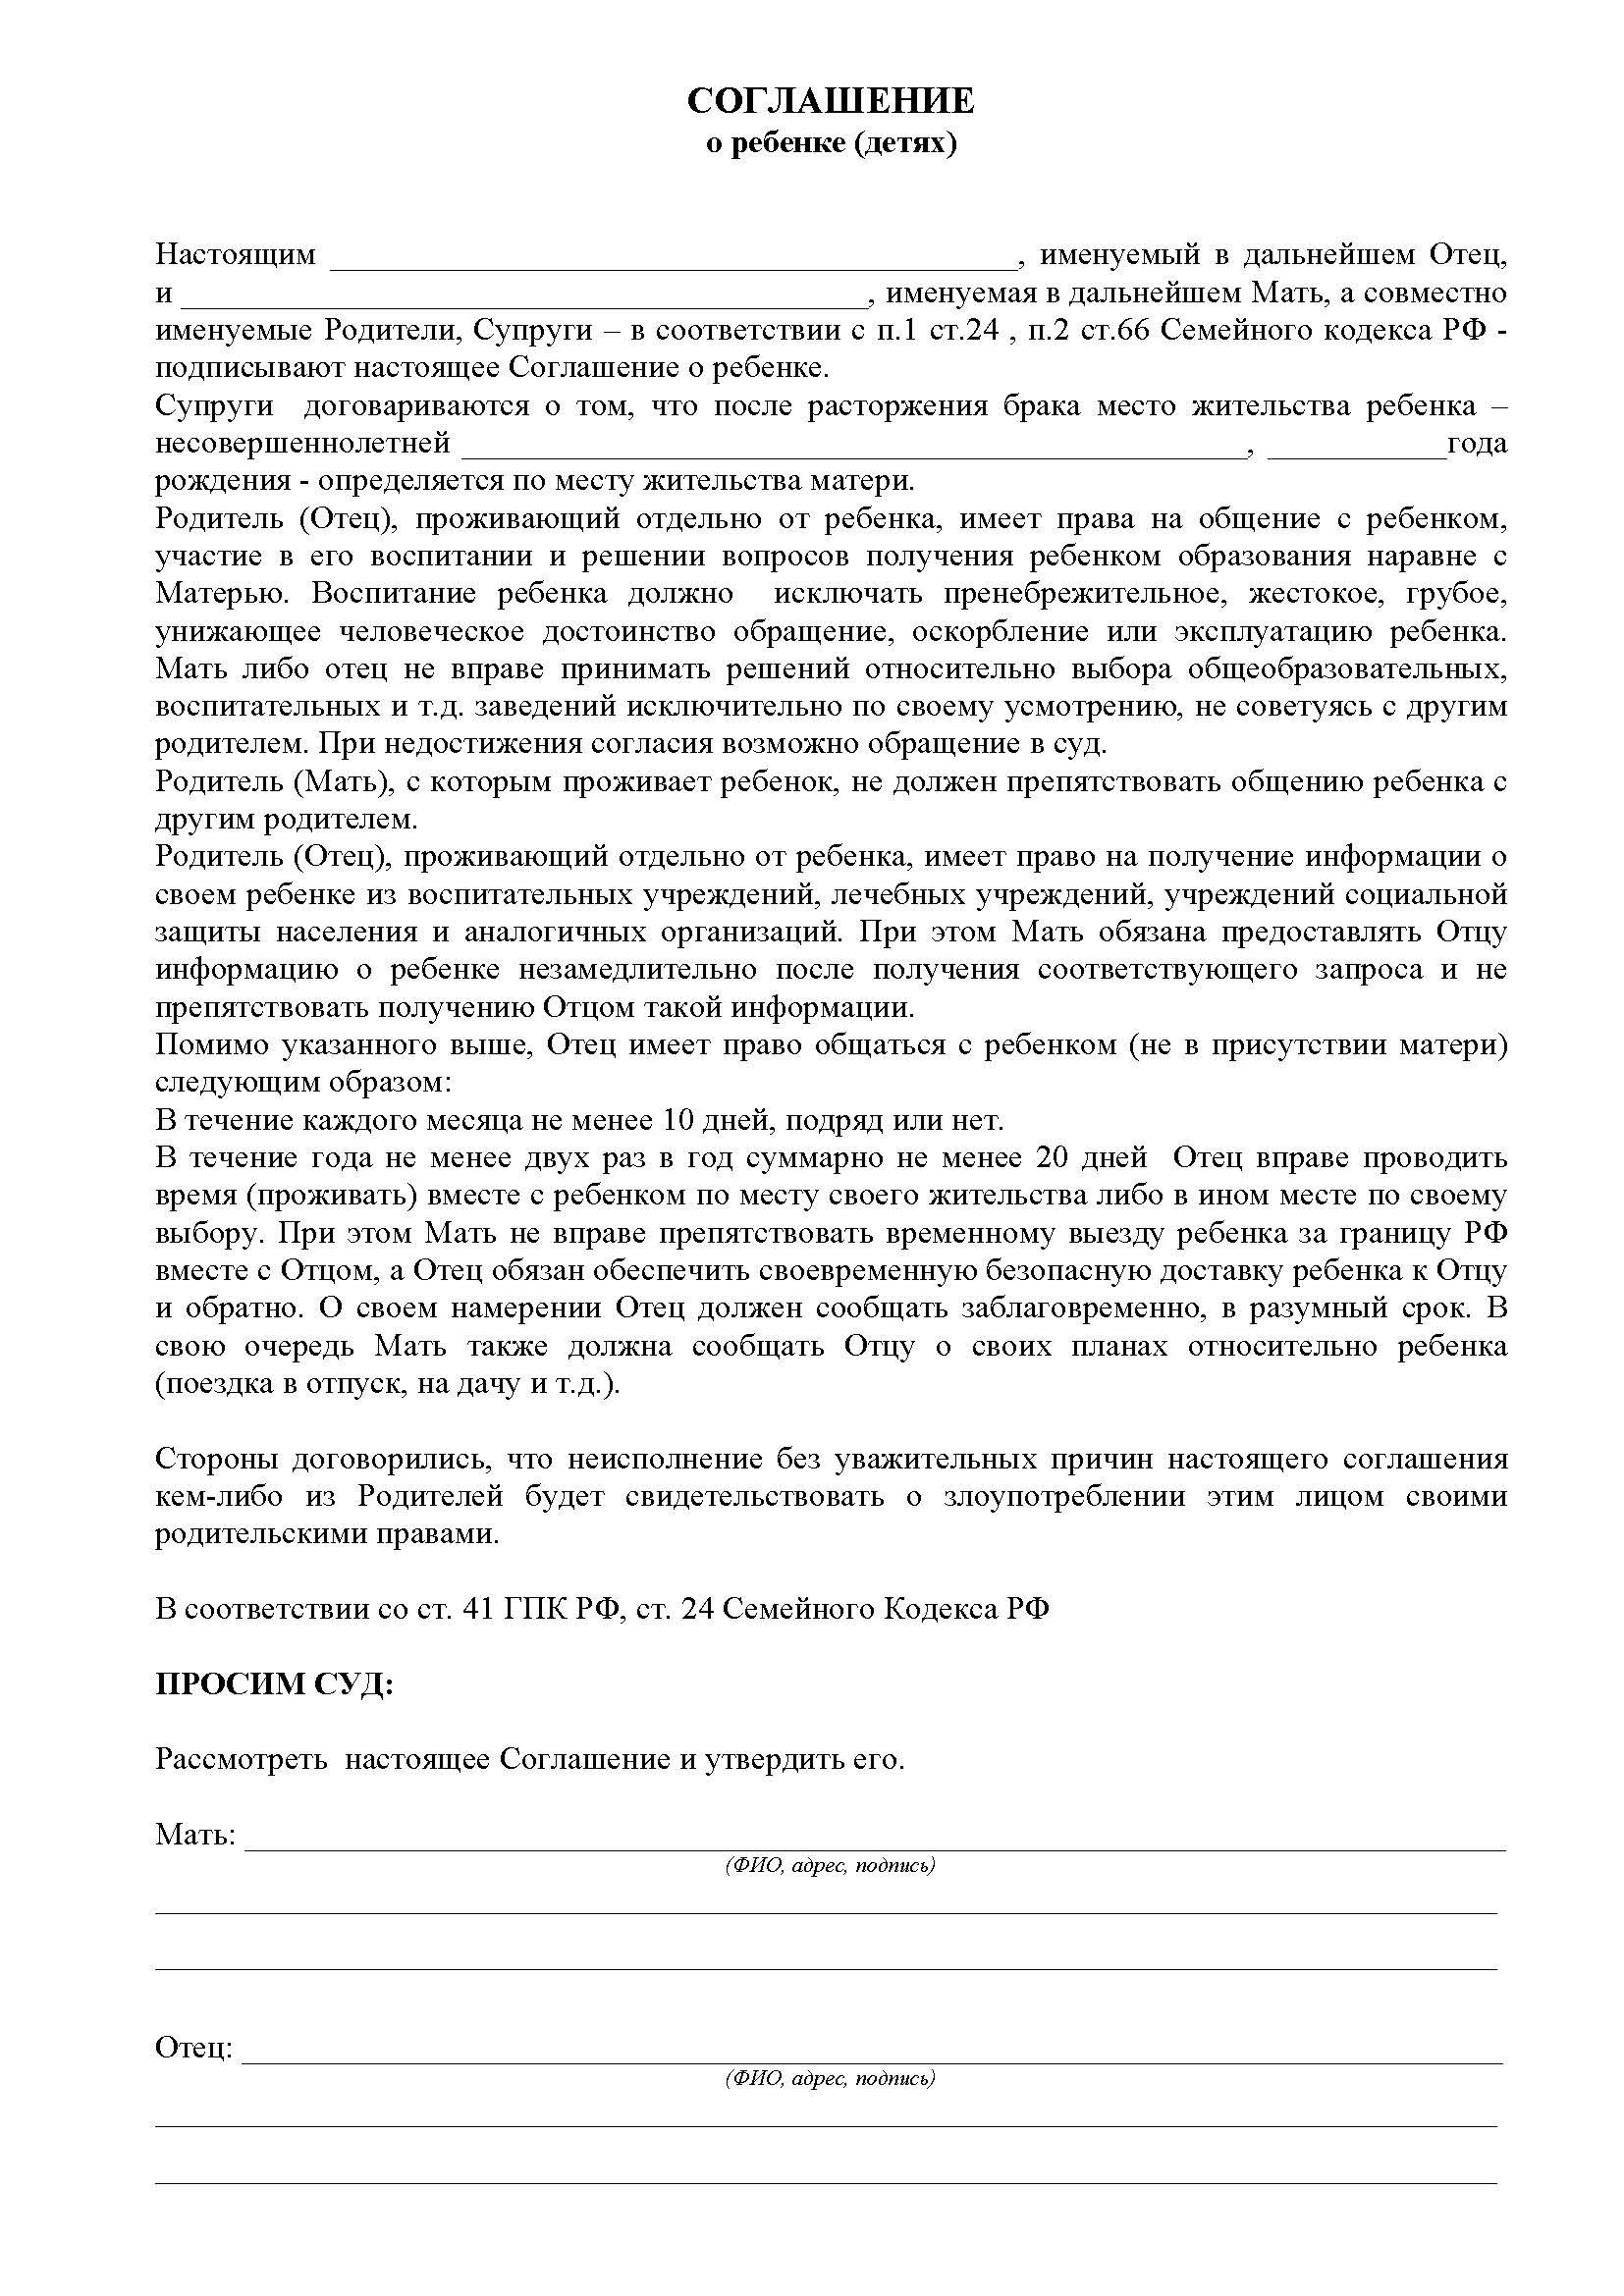 Независимая экспертиза косметики дешели в москве